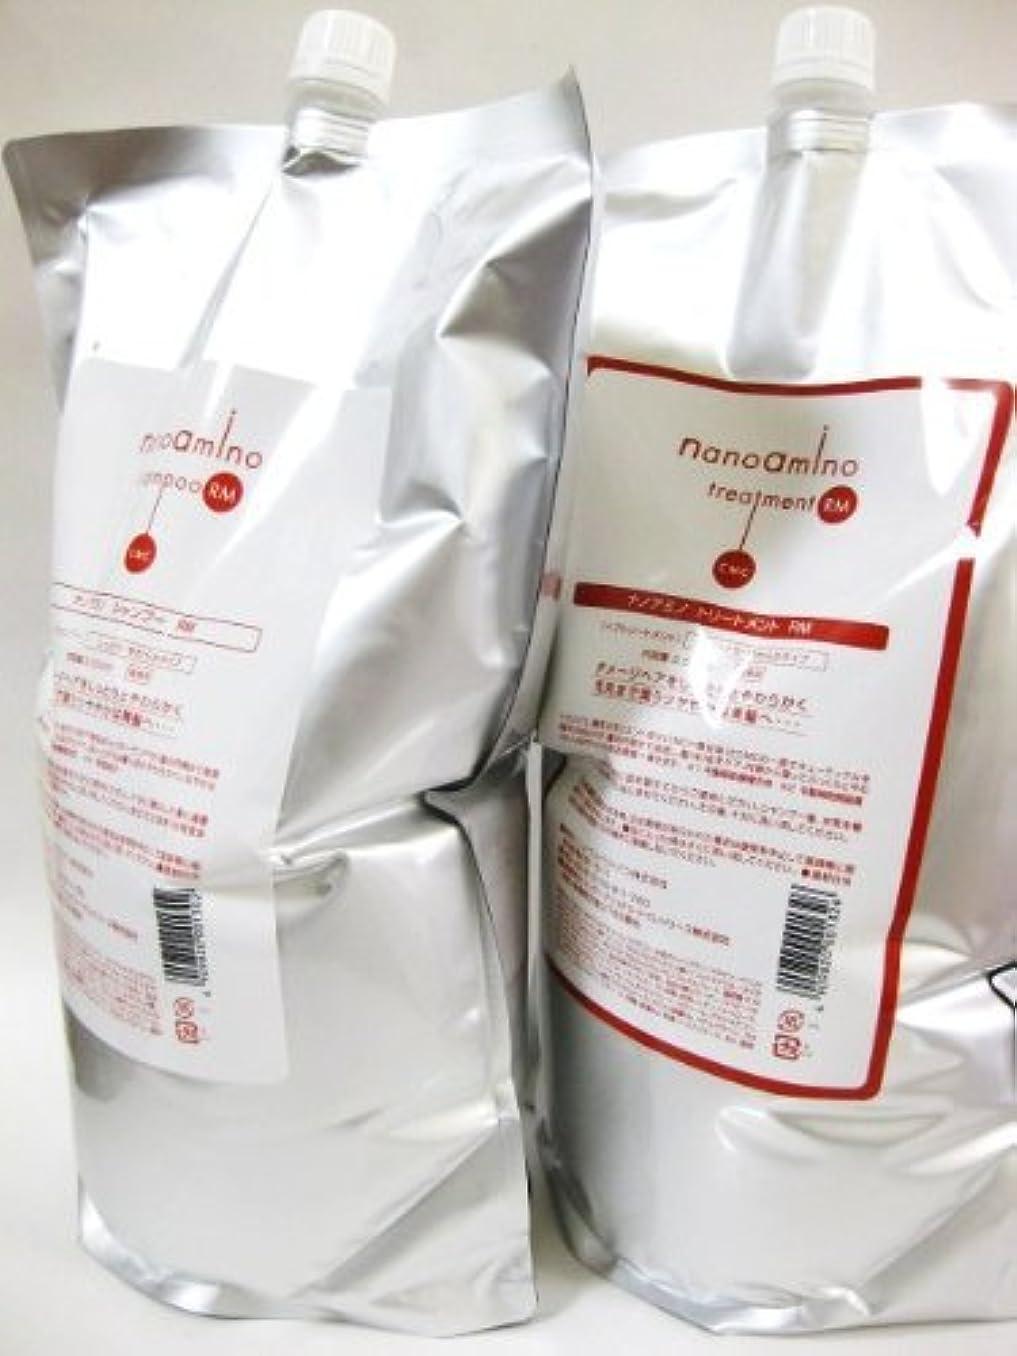 意味する現実には政令ニューウェイジャパン ナノアミノ RM 2500 詰替えタイプ 合わせて5キロ!![ビックサイズ]セット